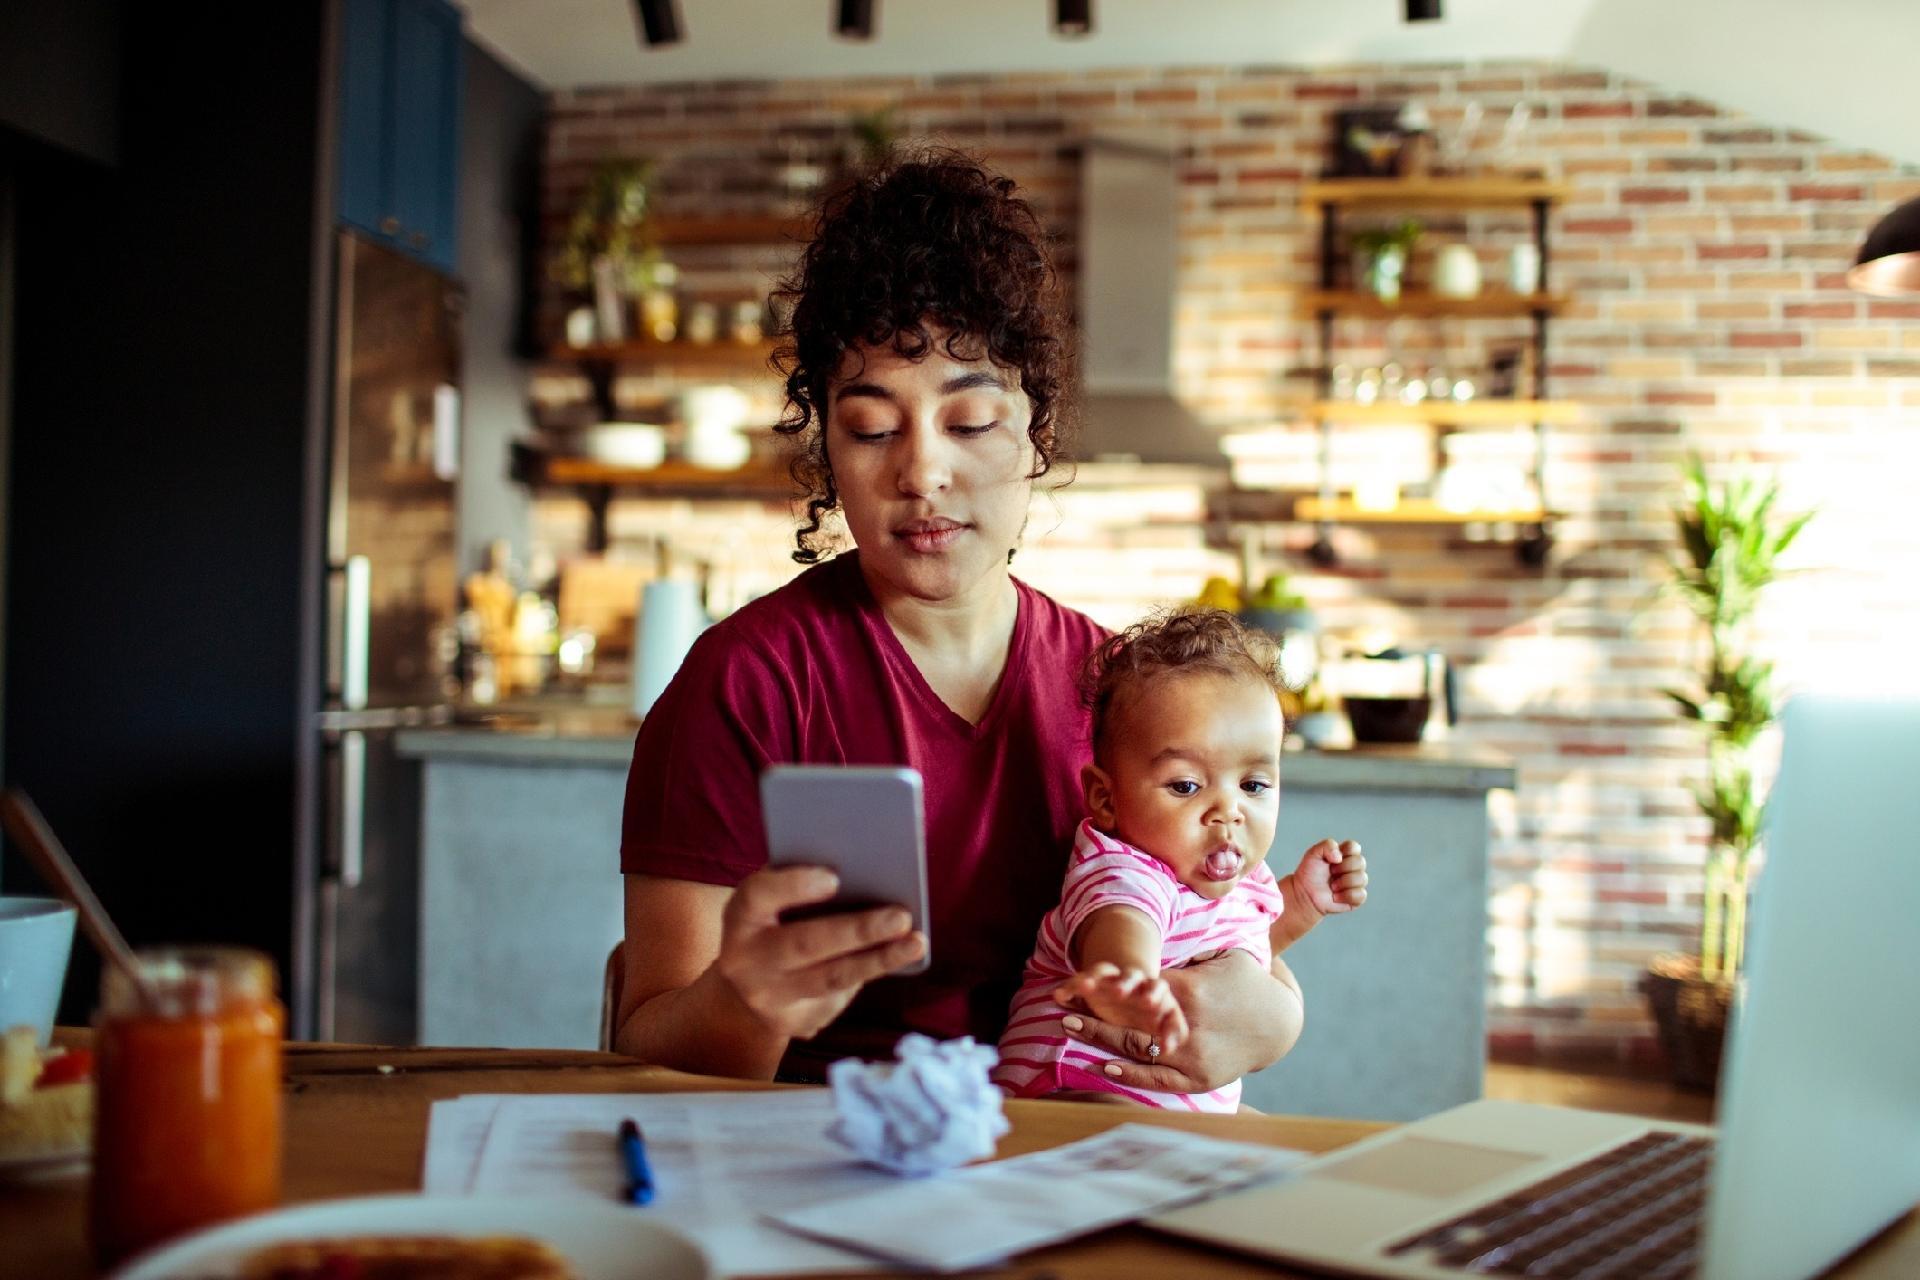 a5f917aa8 Desemprego após a maternidade leva mulheres a abrirem o próprio negócio -  14 05 2019 - UOL Universa